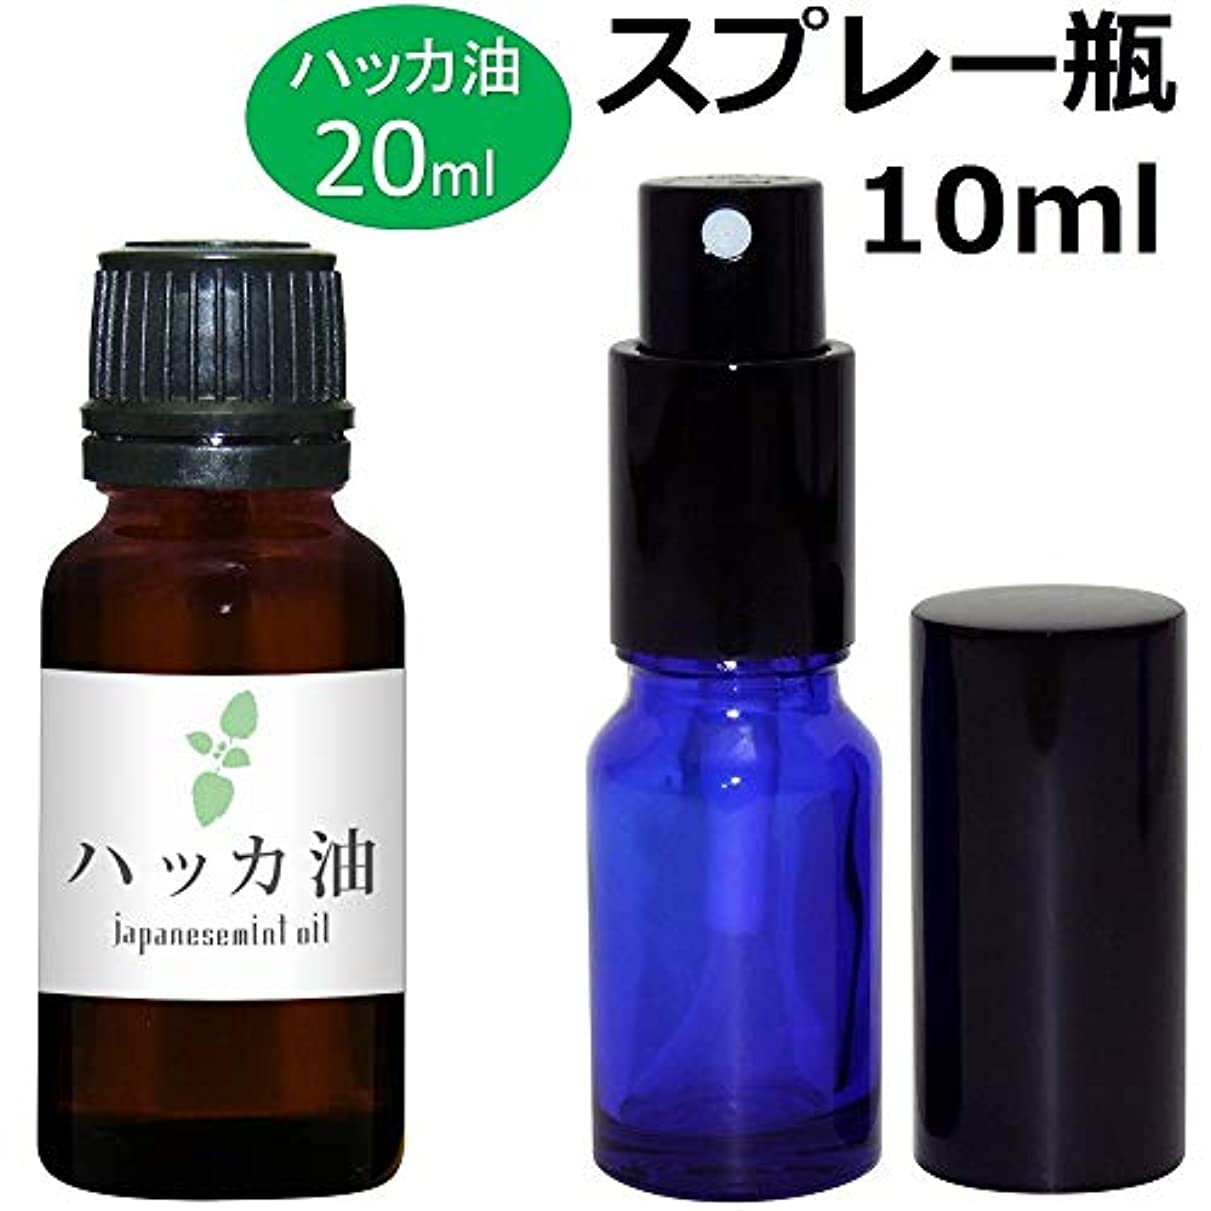 蒸スイ上ガレージ?ゼロ ハッカ油 20ml(GZAK12)+ガラス瓶 スプレーボトル10ml/和種薄荷/ジャパニーズミント GSE533